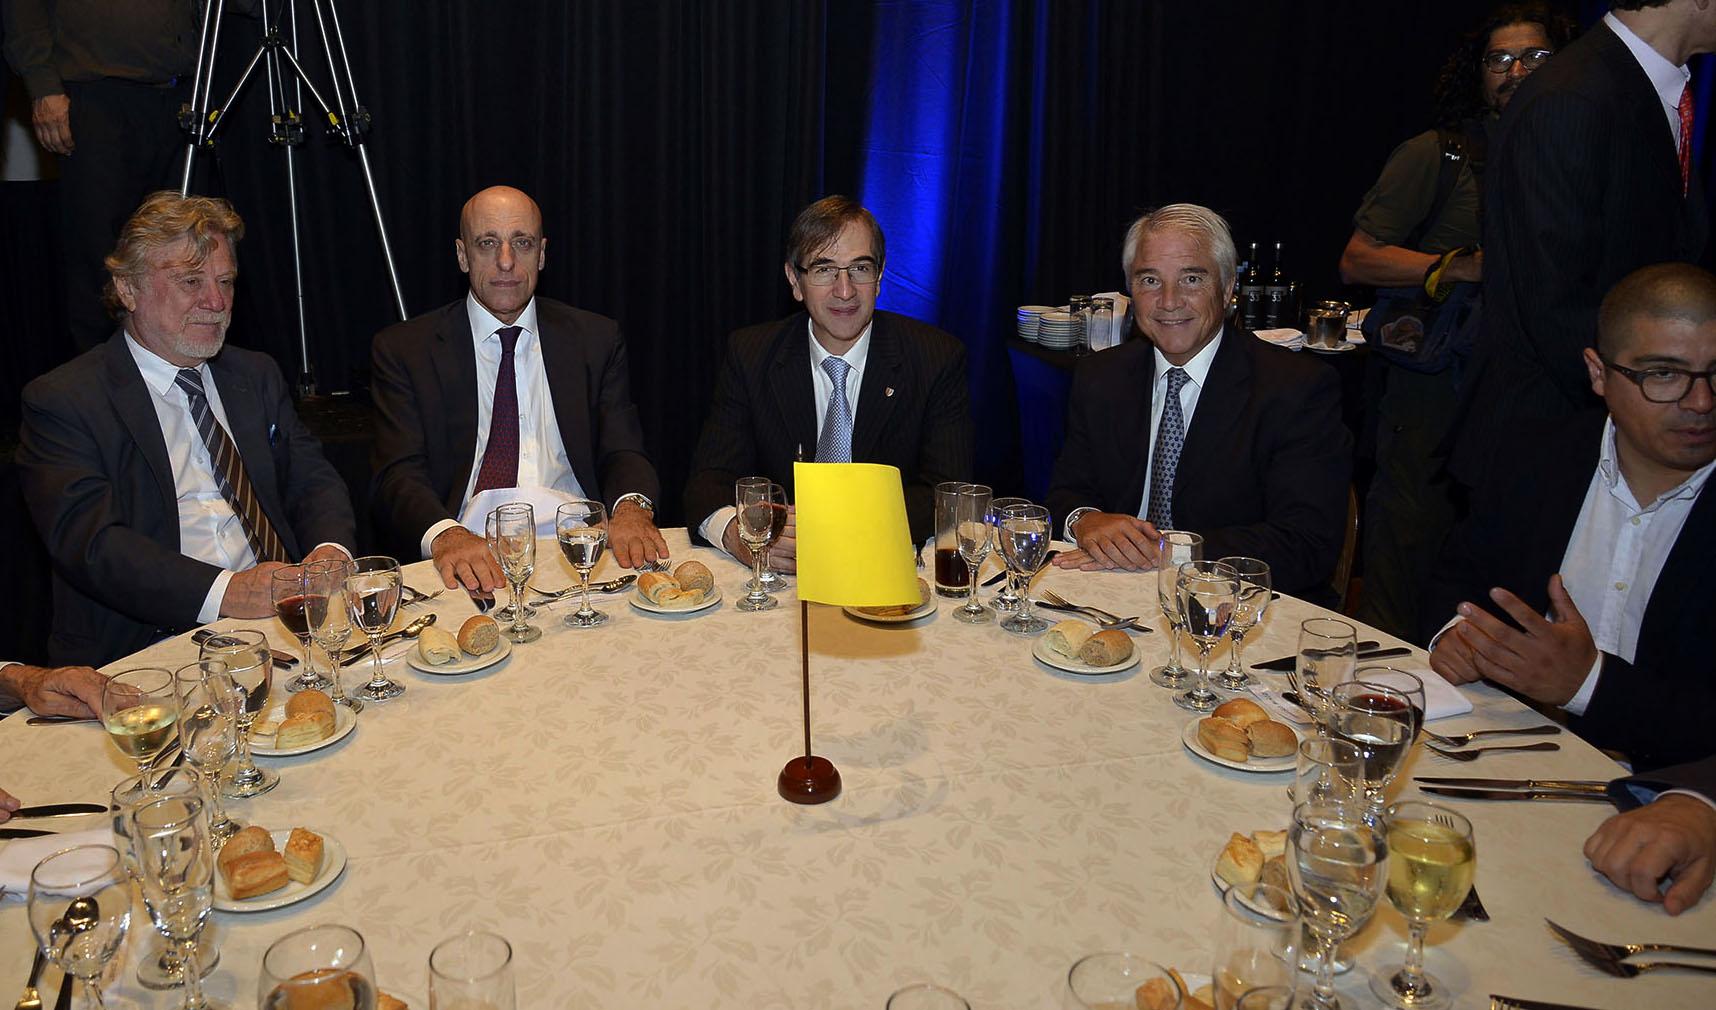 Ricardo Kirschbaum; Carlos Pagni; el director de Relaciones Gubernamentales, Comunicación y Medios de Telecom, Pedro López Matheu; el Director de Asuntos Institucionales de Infobae Pablo Deluca; Francisco Muñoz (OPI Santa Cruz)